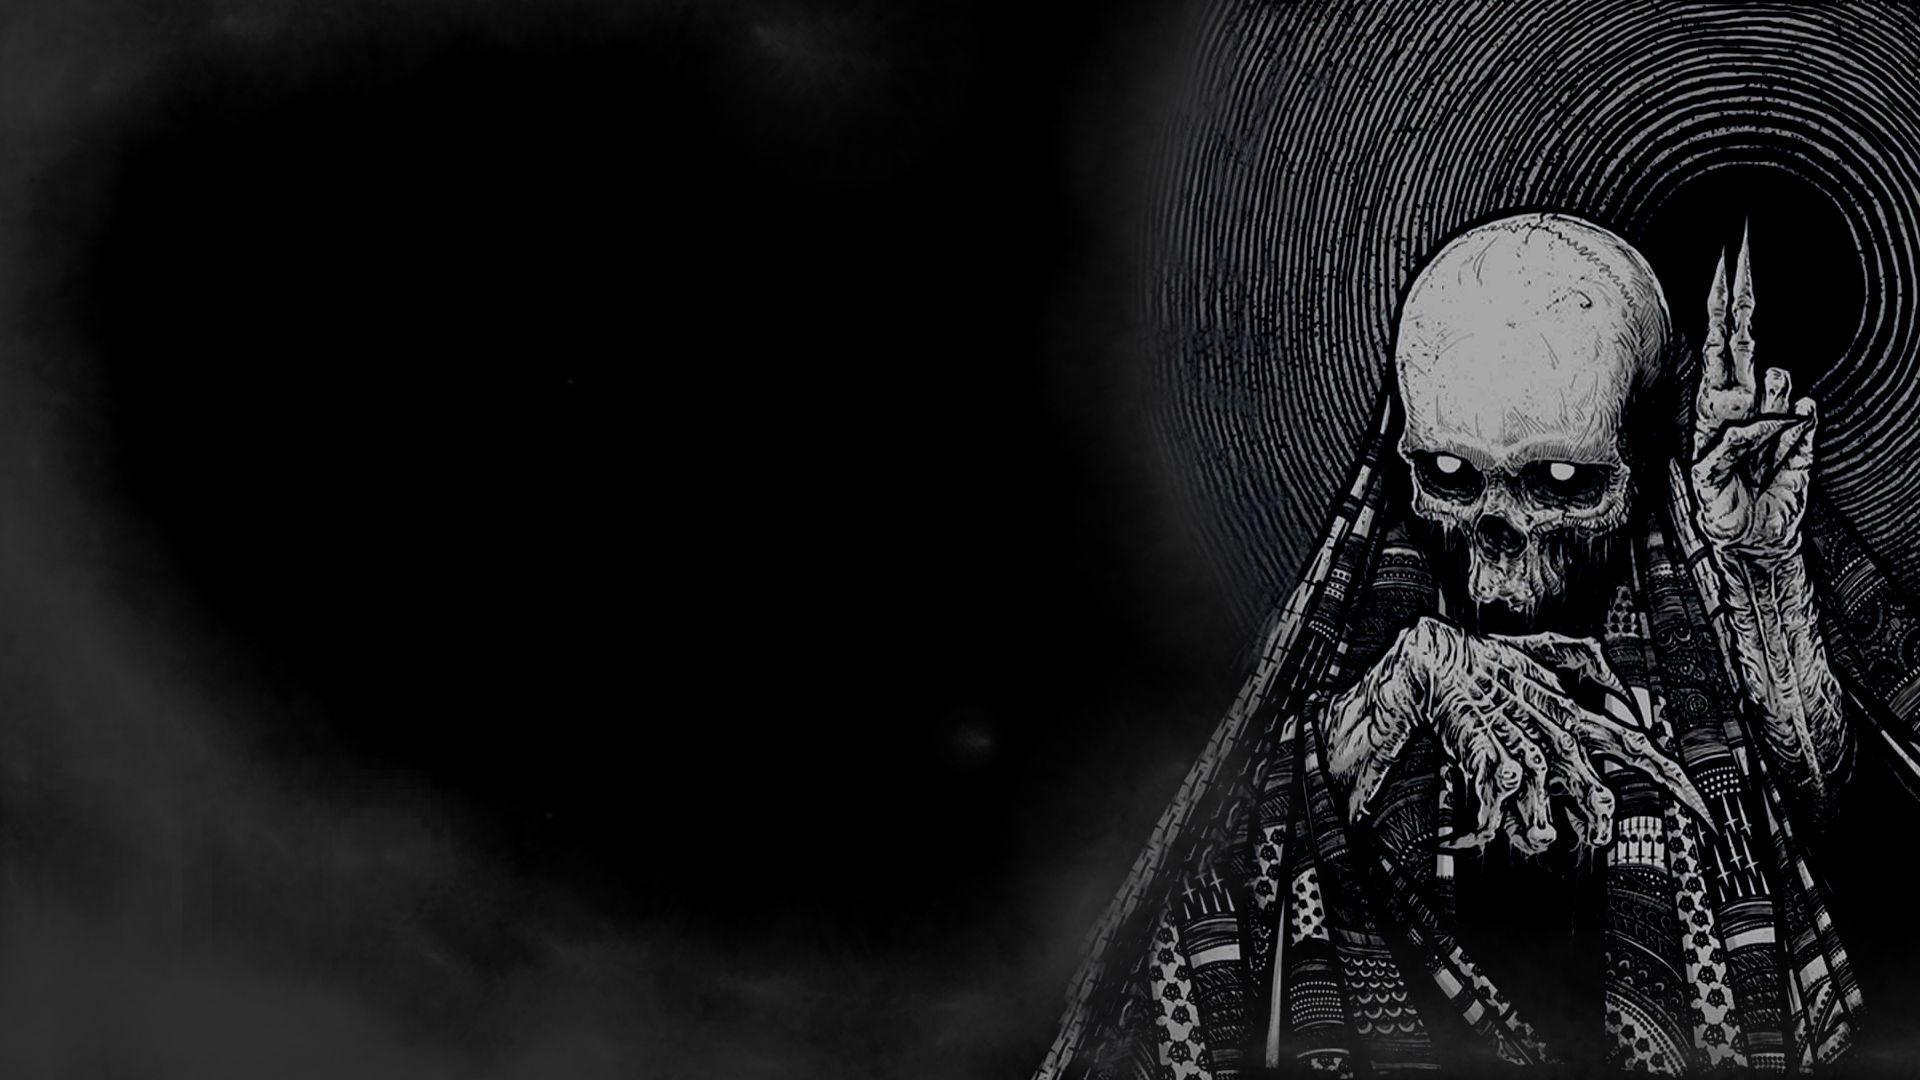 Dark Skull Hd Wallpaper 2020 Live Wallpaper Hd Skull Wallpaper Black Skulls Wallpaper Hd Skull Wallpapers